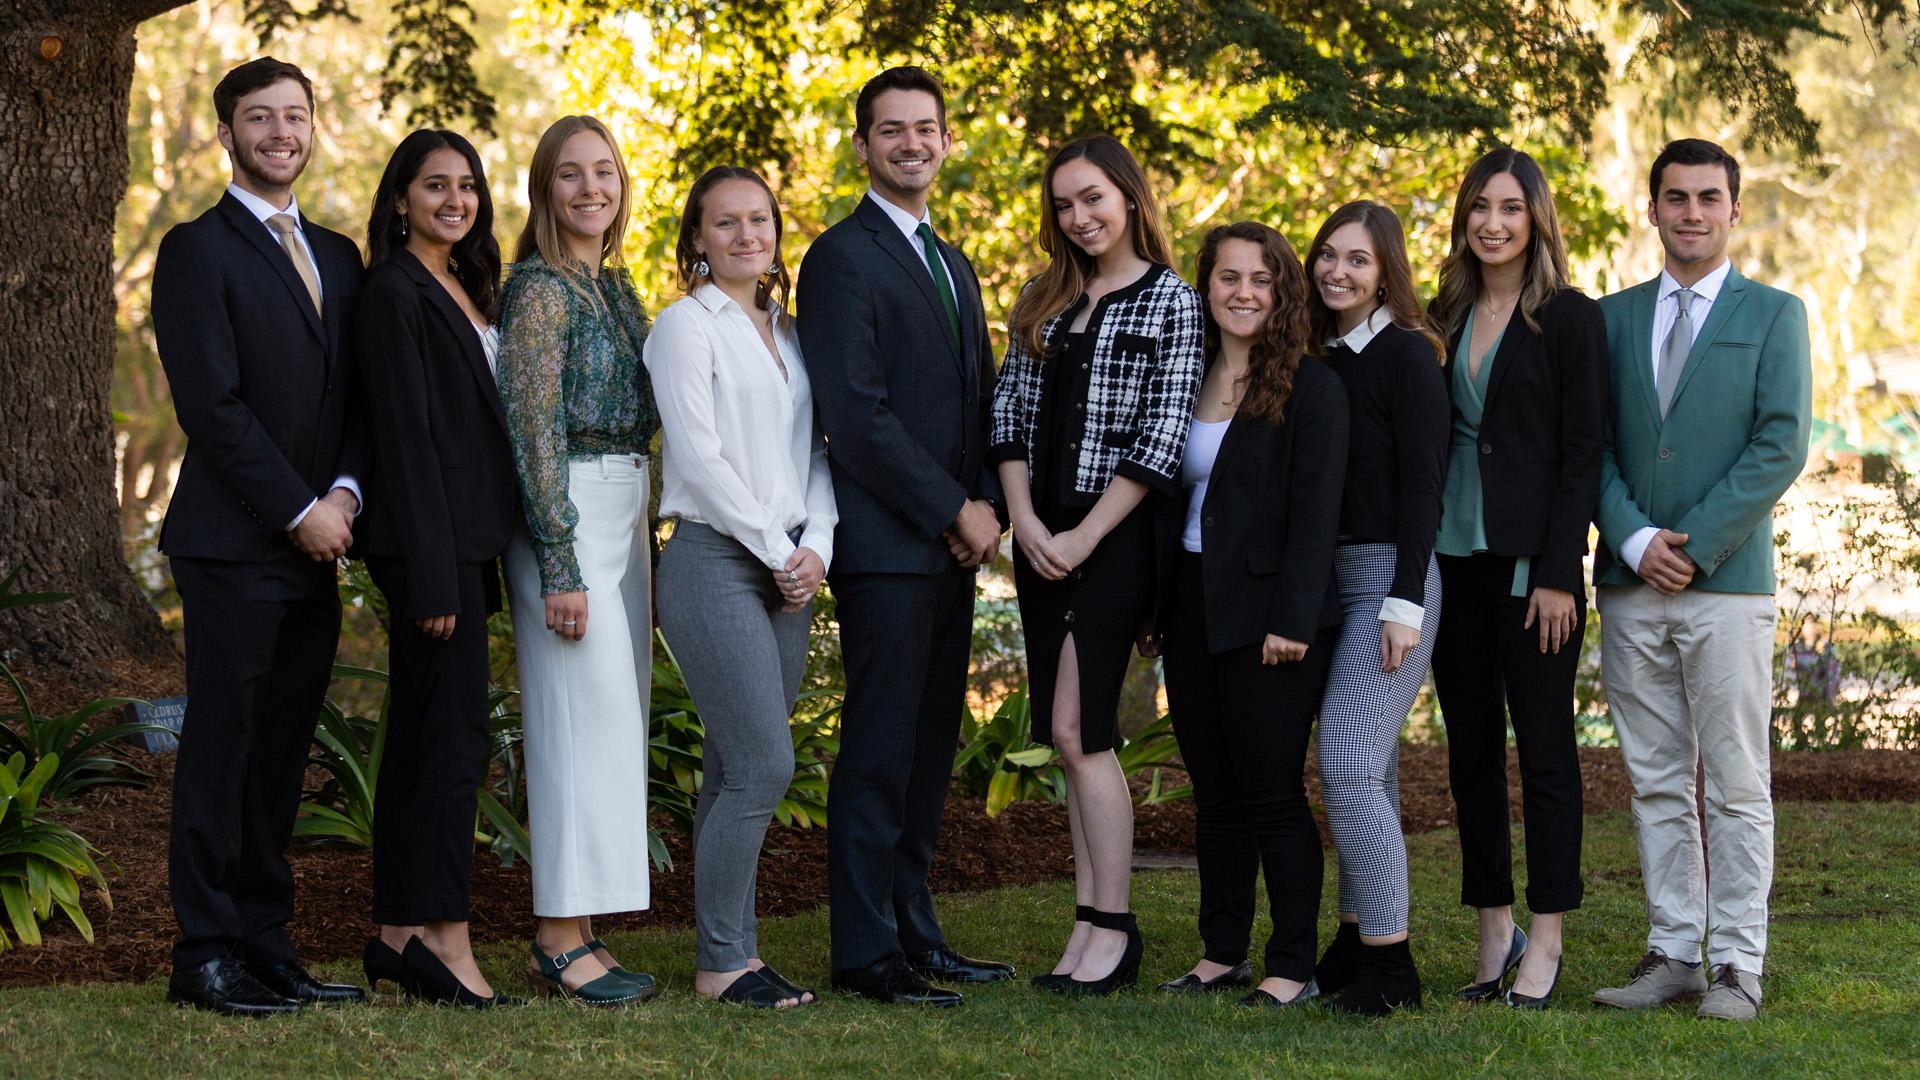 ASI Executive Cabinet